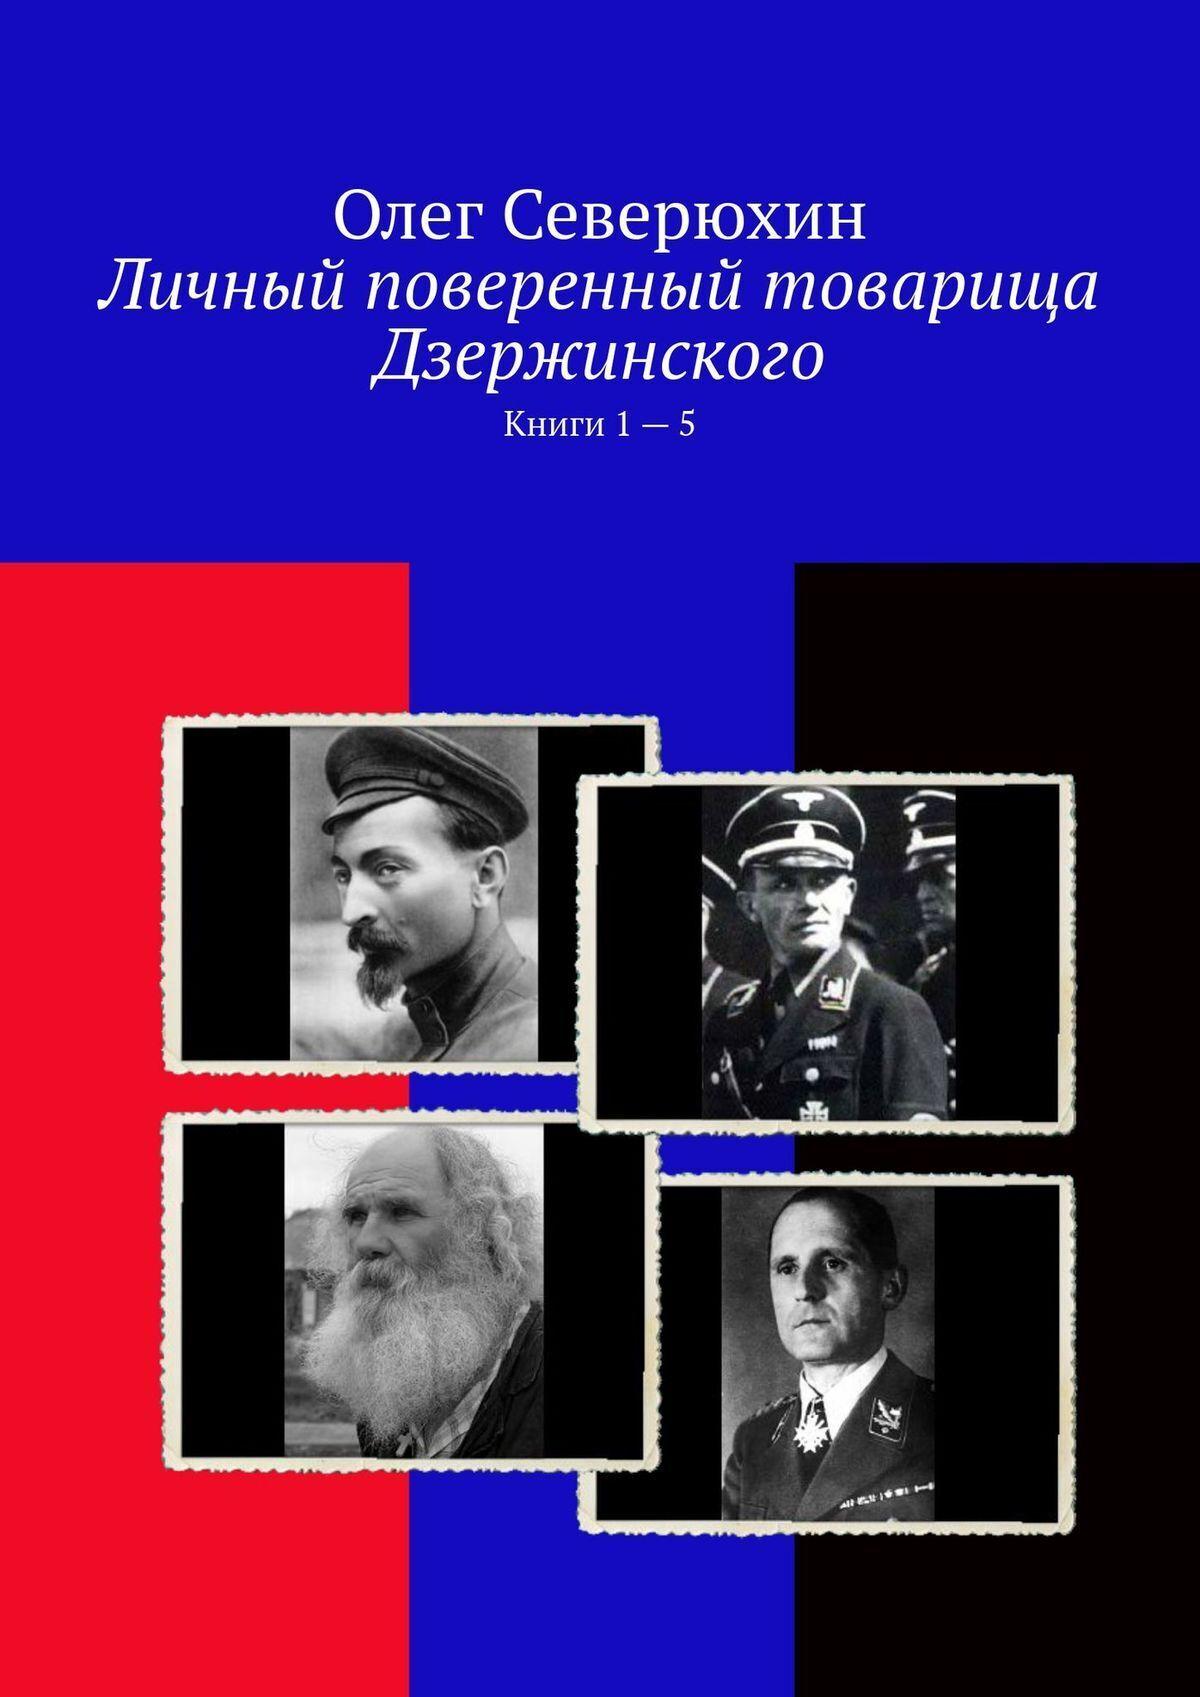 Личный поверенный товарища Дзержинского. Книги 1—5